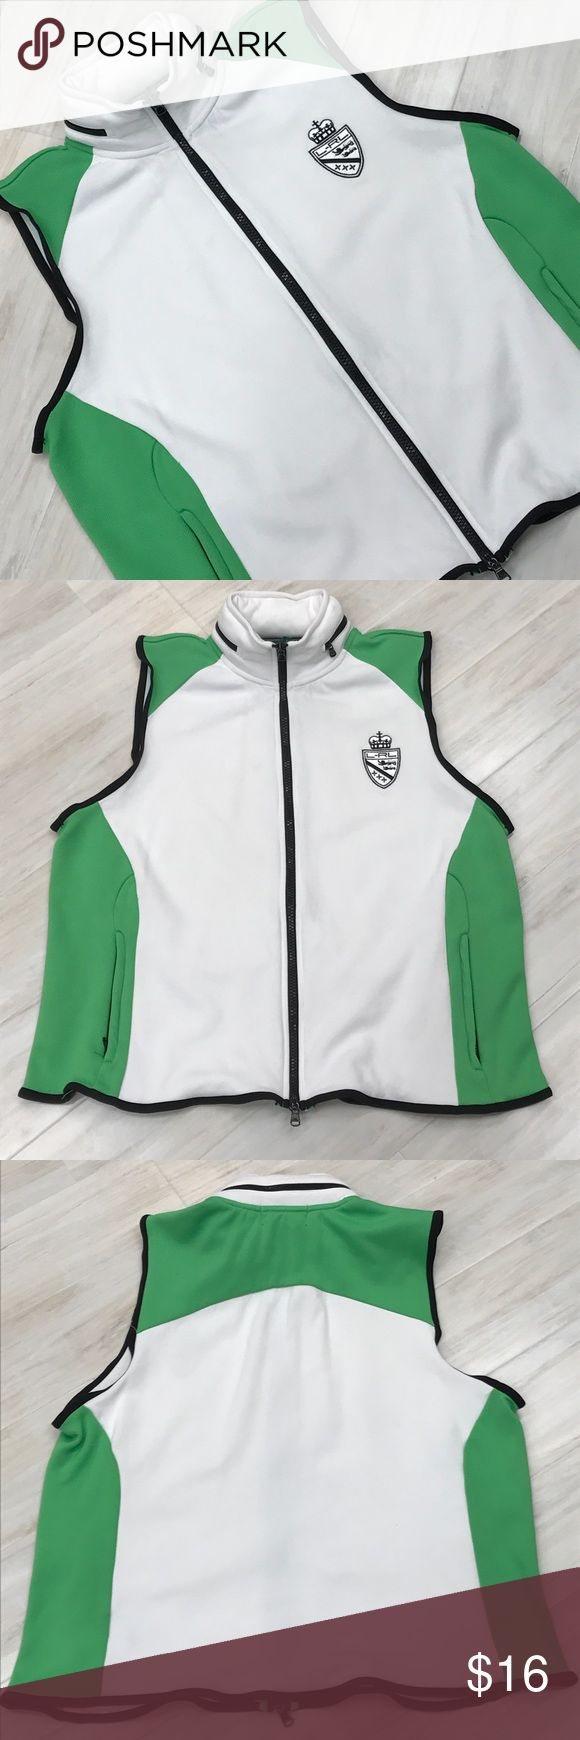 Lauren Sport - Ralph Lauren vest White sports vest with green and black accents with the hood zipped in the collar Lauren Ralph Lauren Jackets & Coats Vests